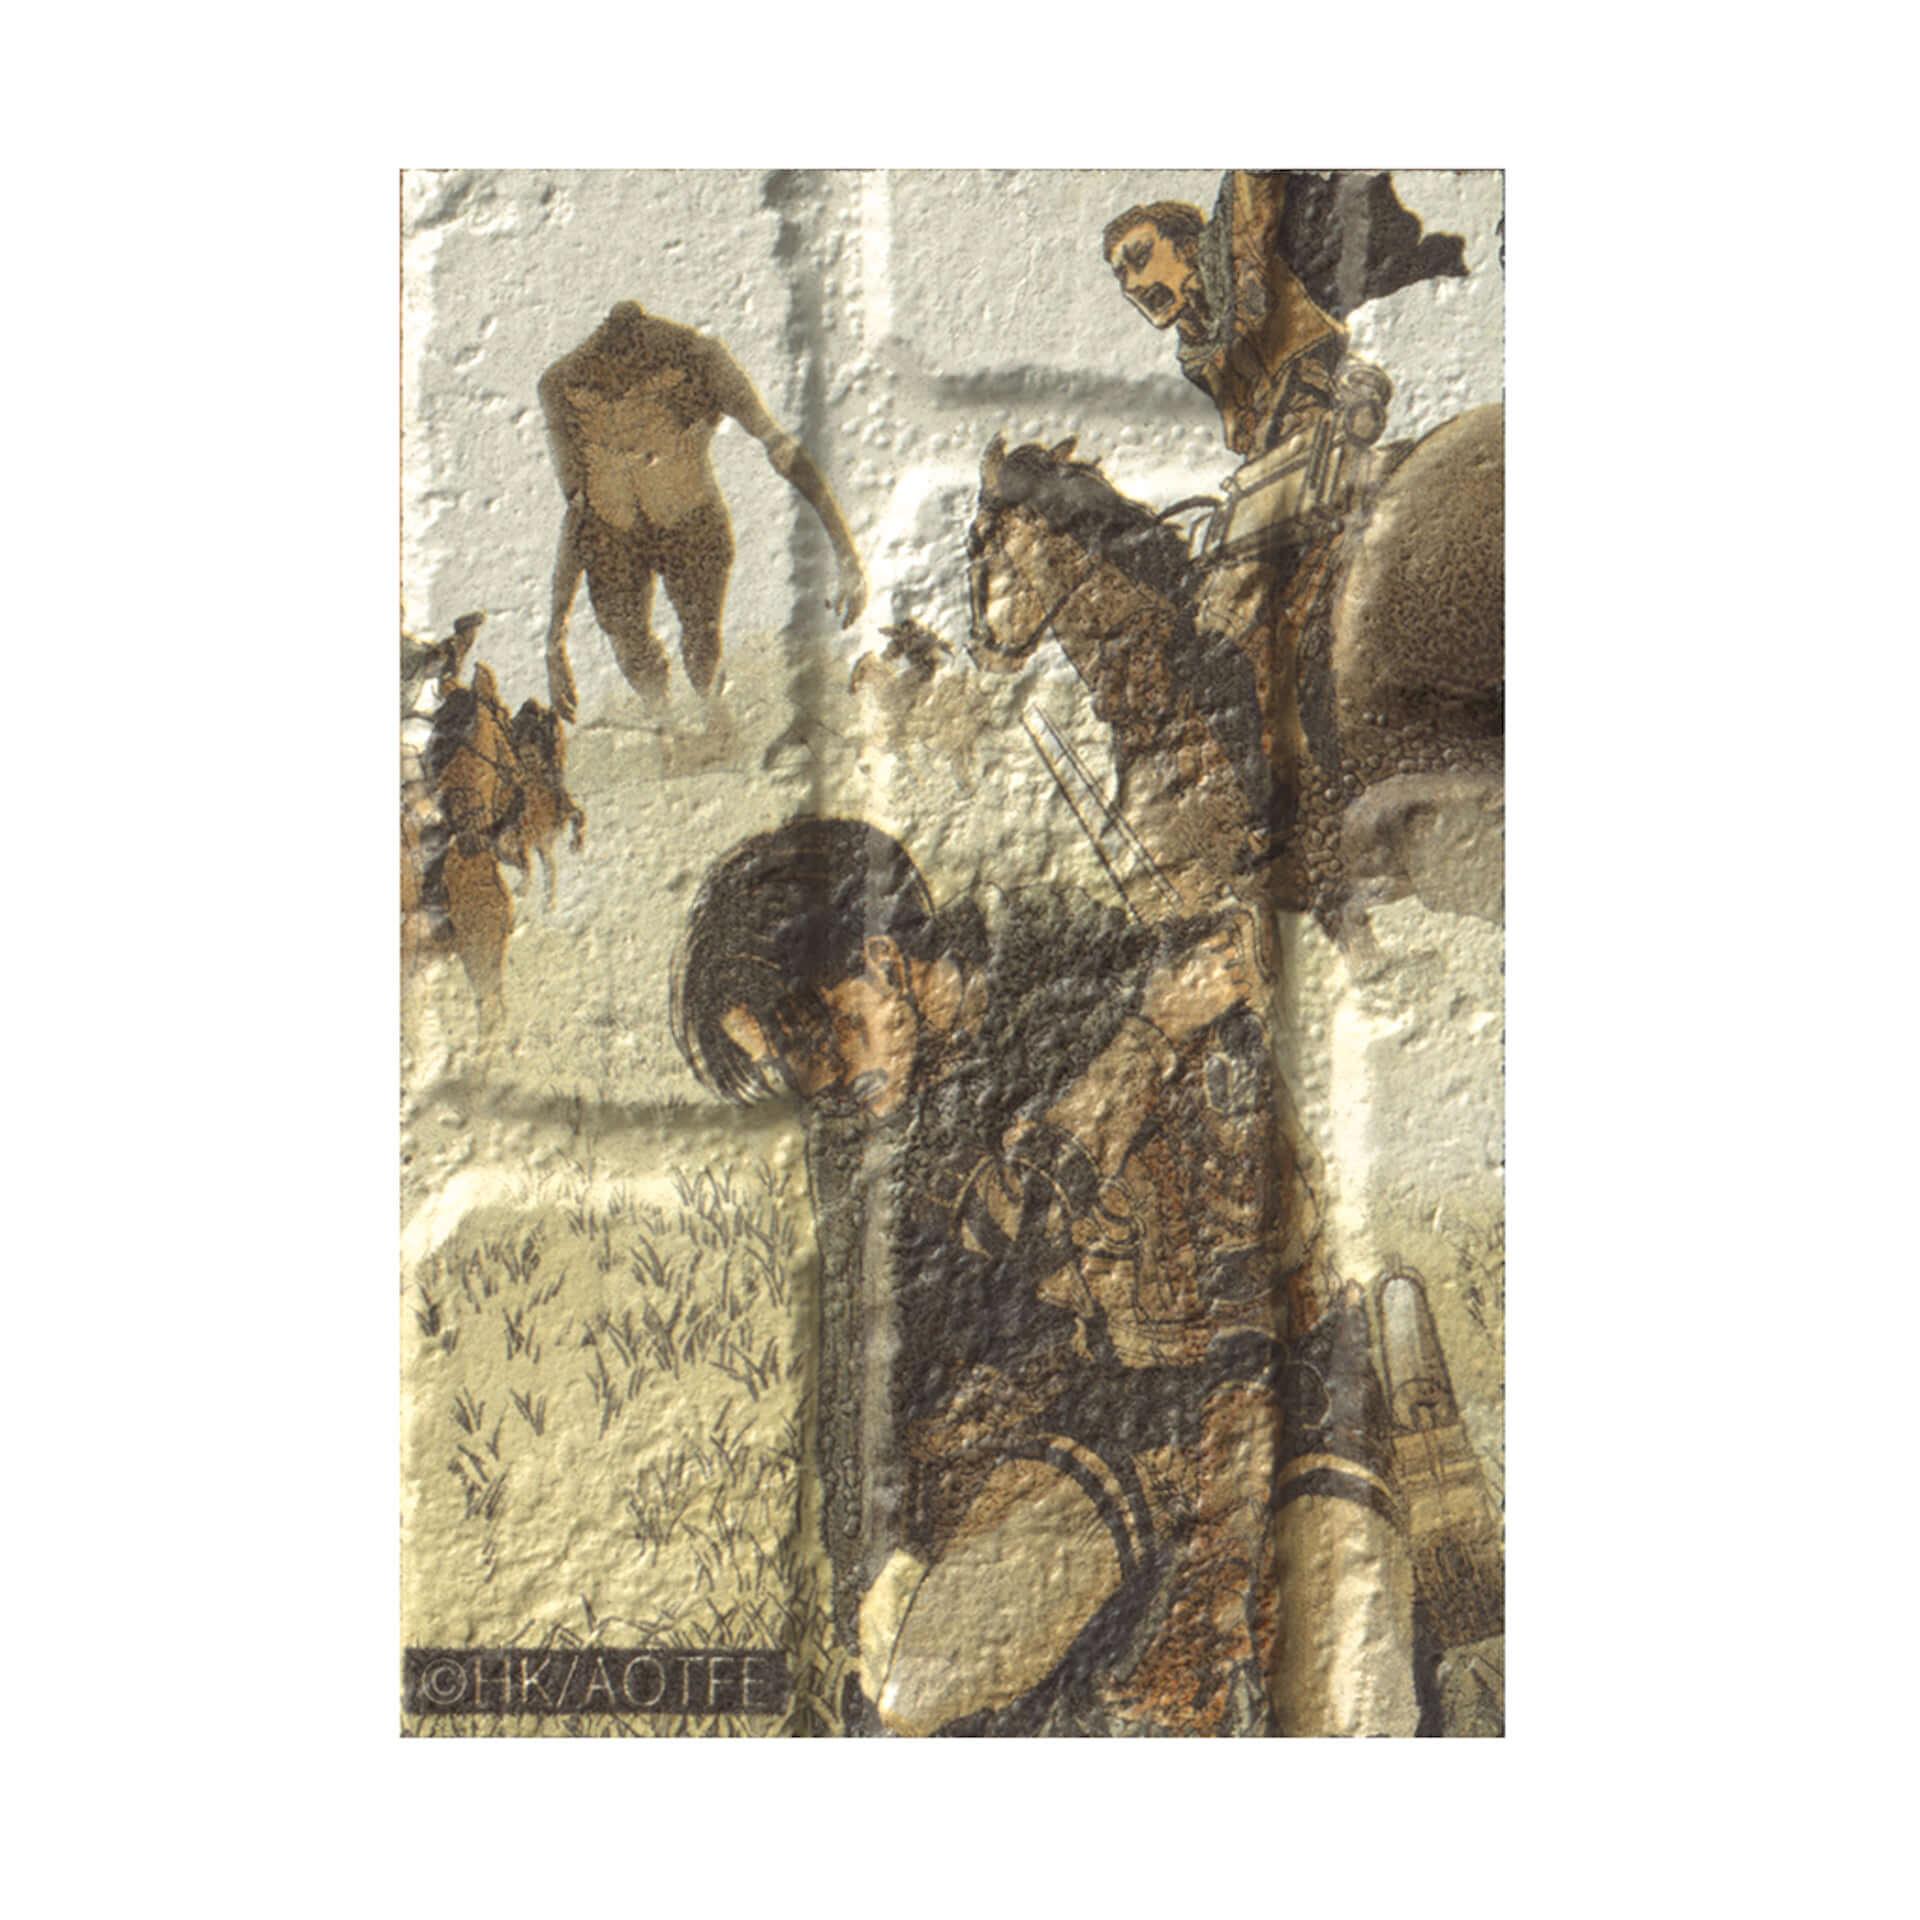 六本木ヒルズに超大型巨人が襲来!?<進撃の巨人展FINAL>150種類に及ぶ限定グッズの全ラインナップ公開 artculture190731kyojinten_7-1920x1920